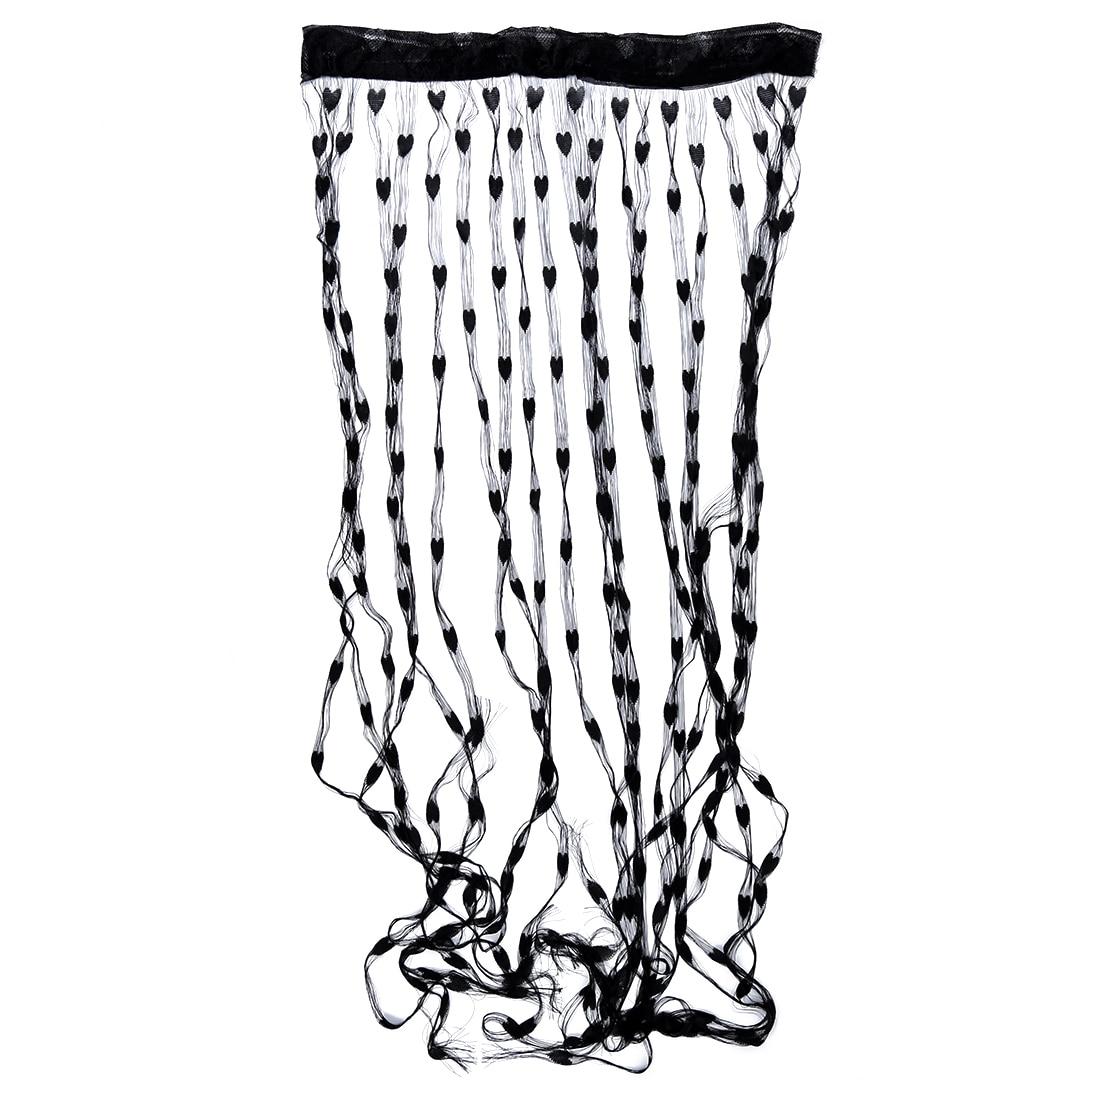 pratique mode frange corde noir coeur ecran porte rideau maison fenetre decor salon separe rideau aliexpress